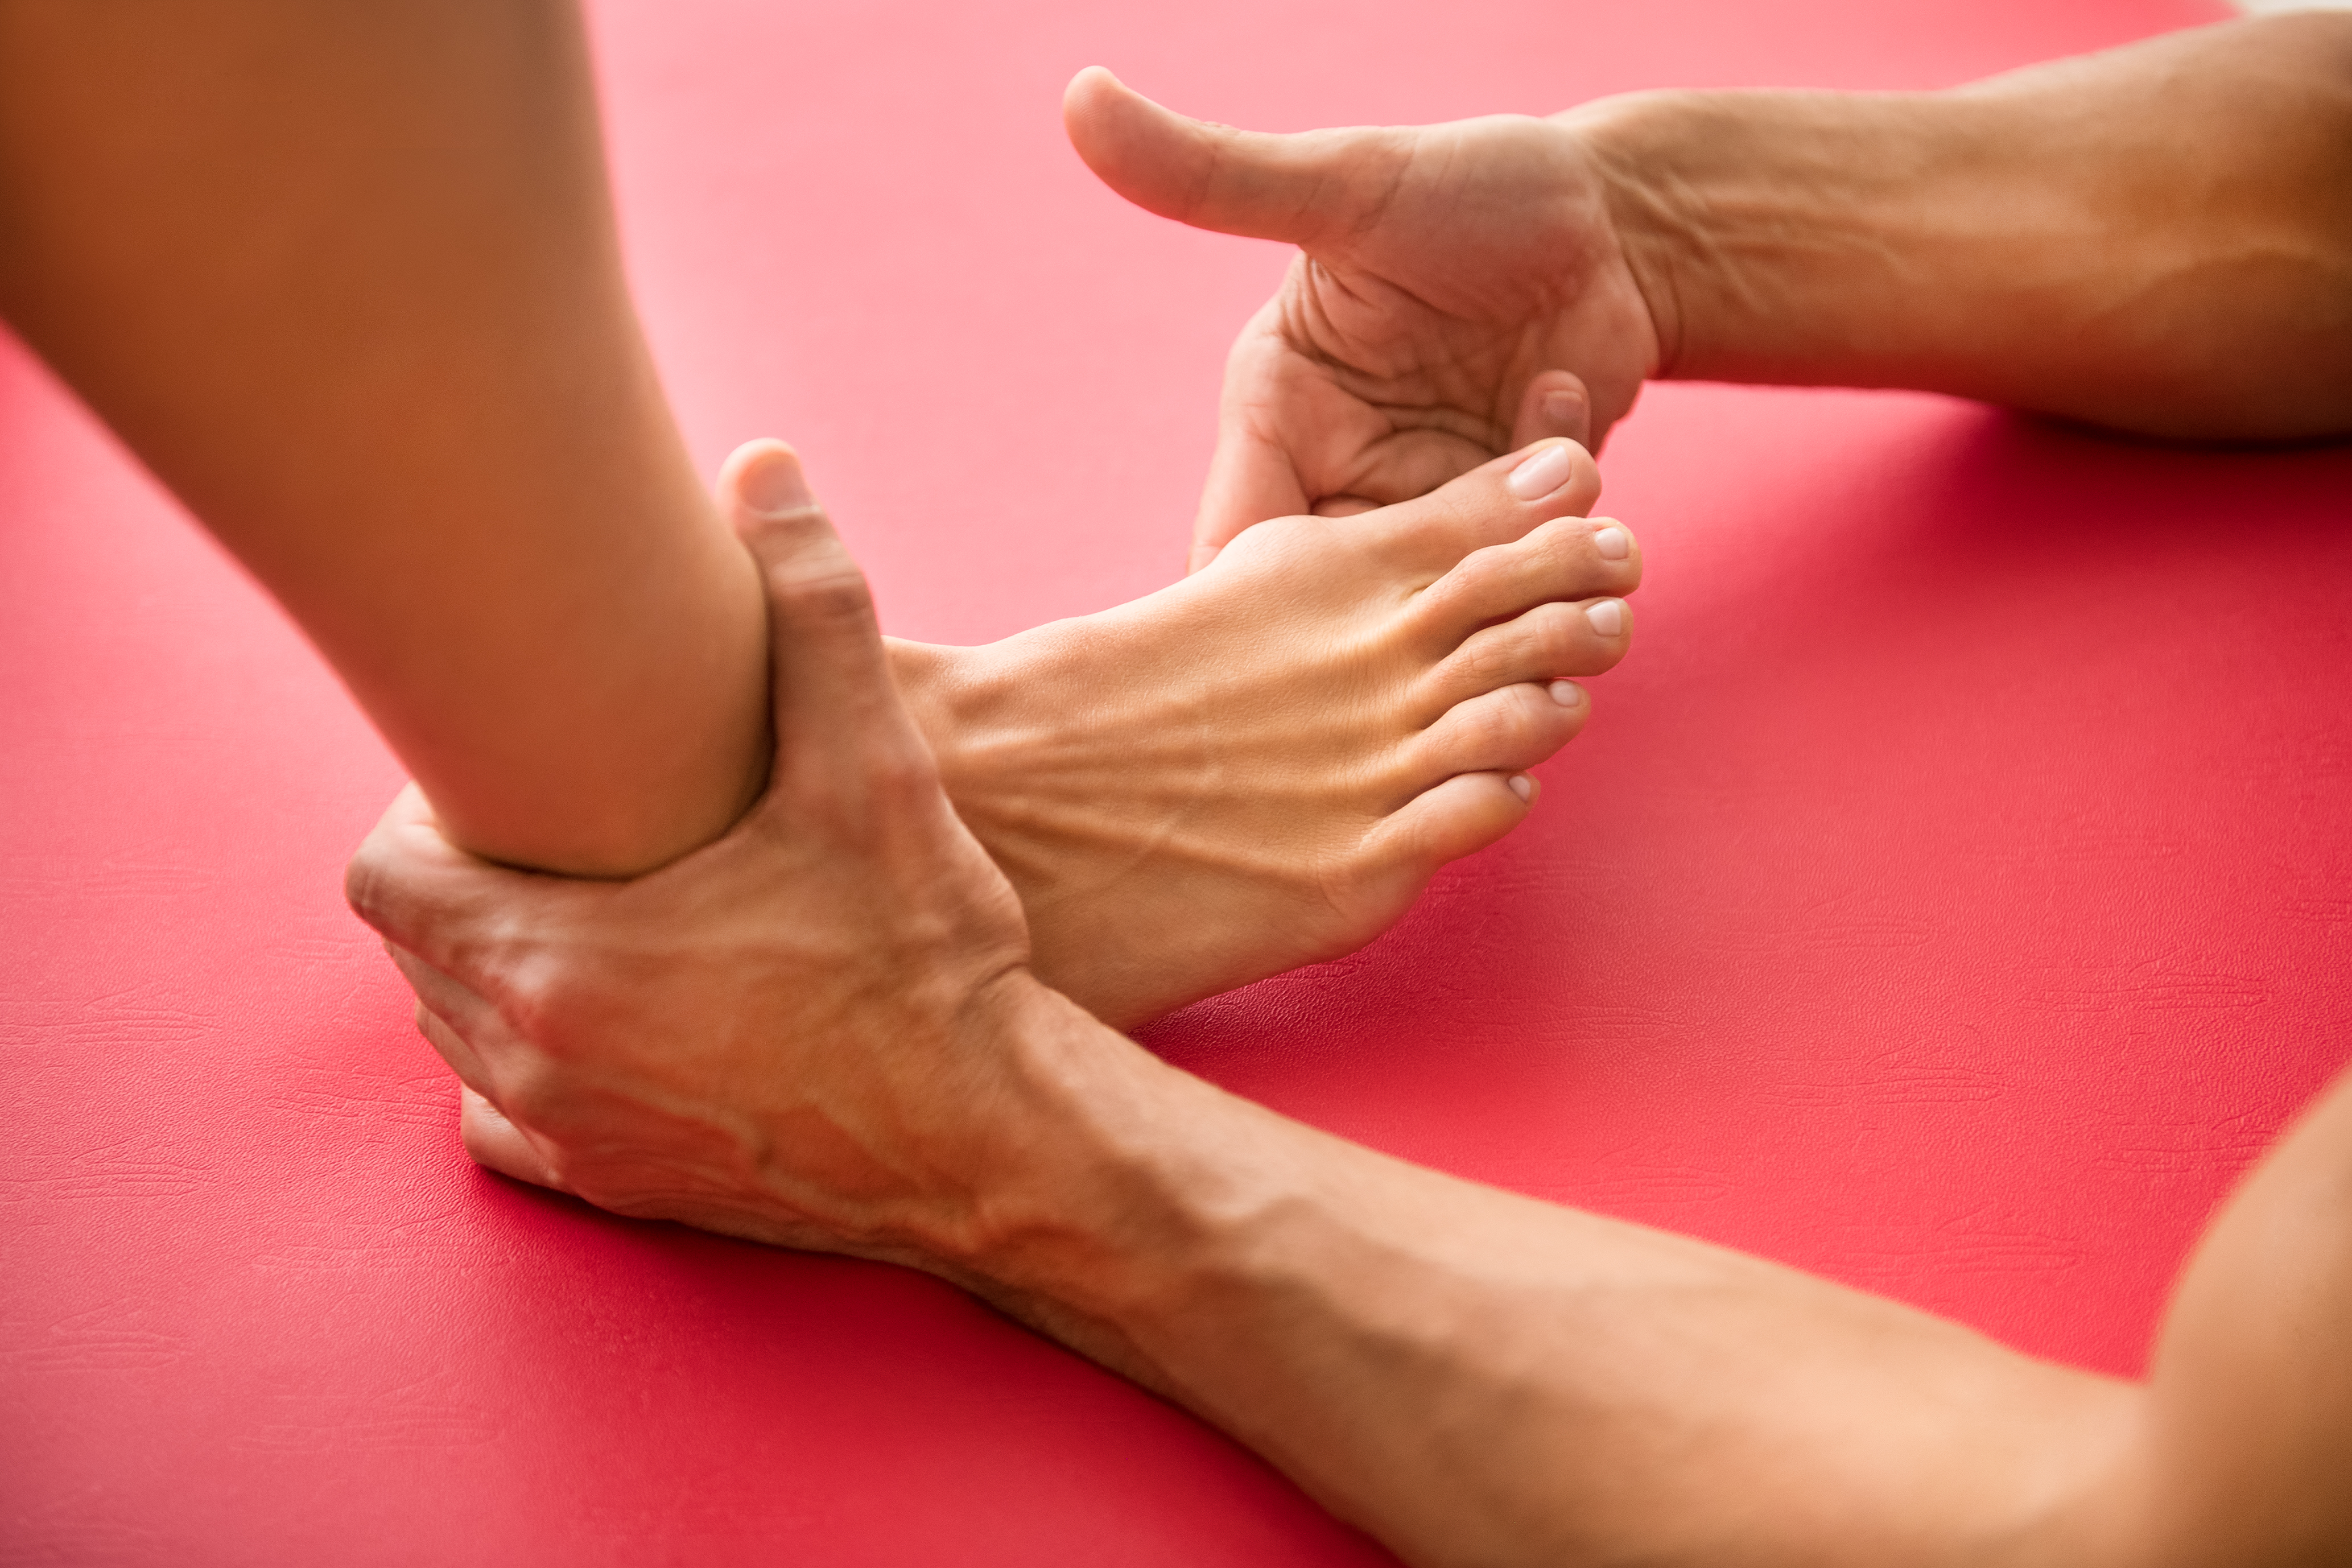 Immagine di una seduta di fisioterapia per la cura dell'alluce valgo